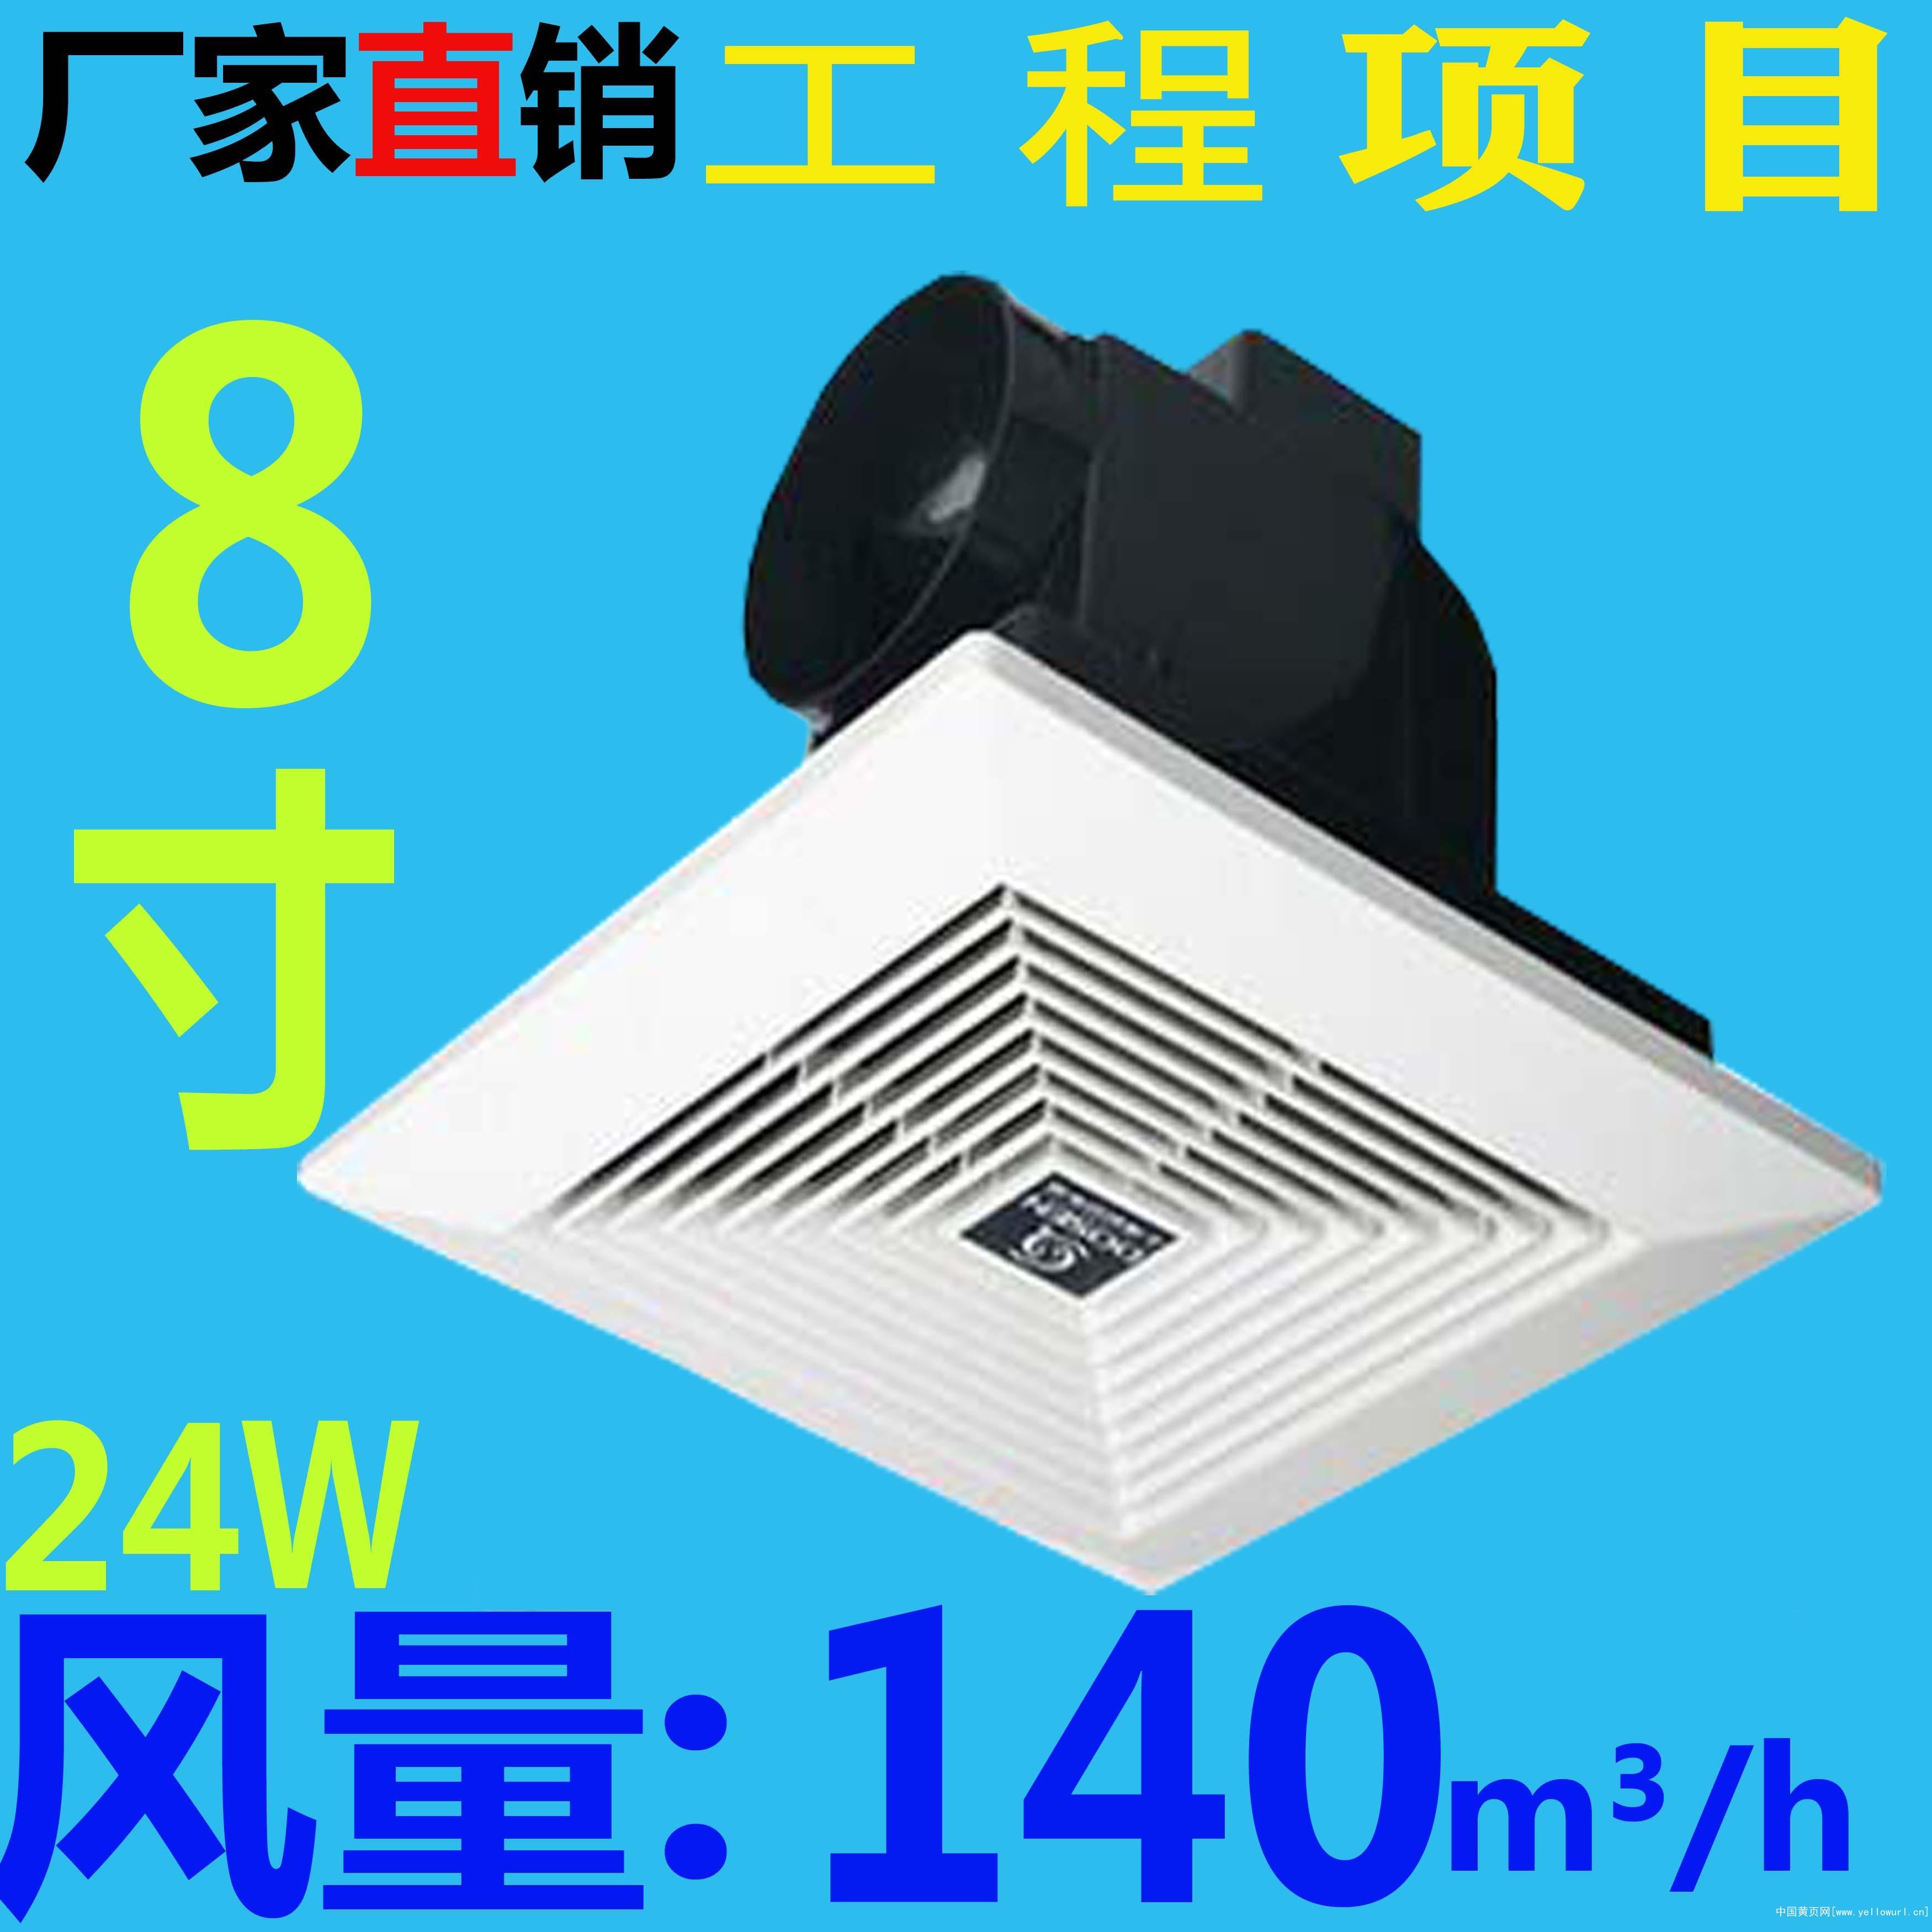 上海松日8寸换气扇格栅式排风扇 吊顶排气扇通风机抽油烟机